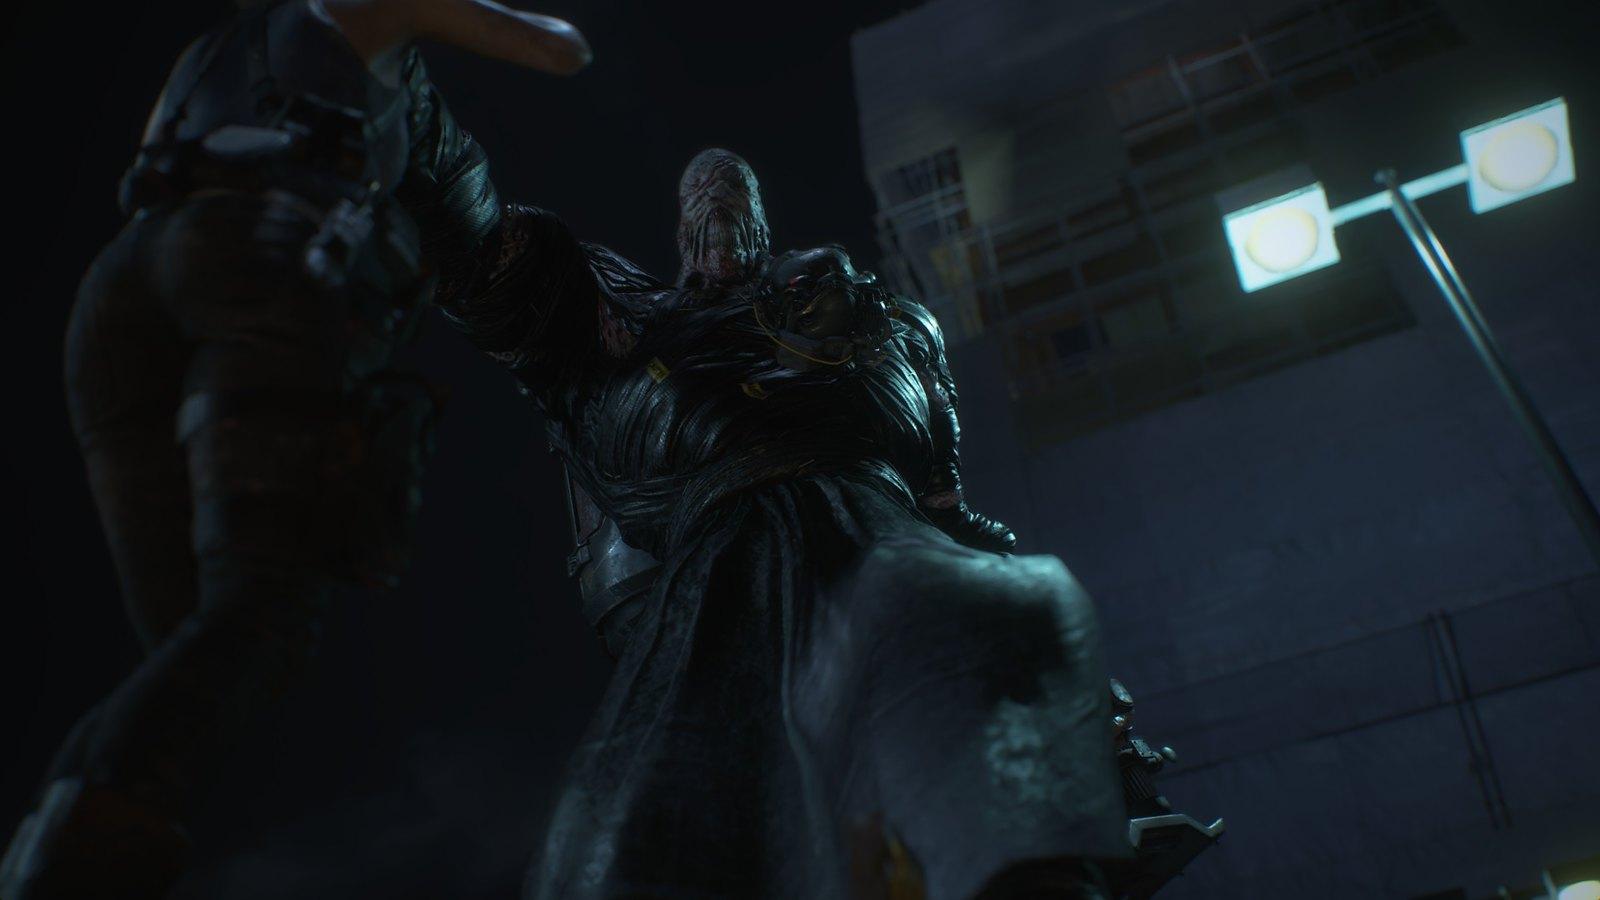 New Resident Evil 3 Trailer Showcases Nemesis's Monstrous Makeover - PlayStation.Blog